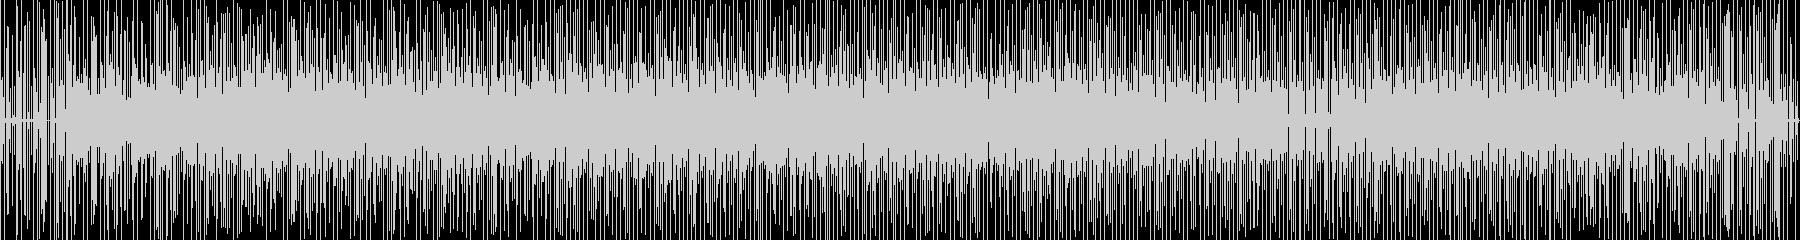 ローズエレピによるアシッドジャズの未再生の波形